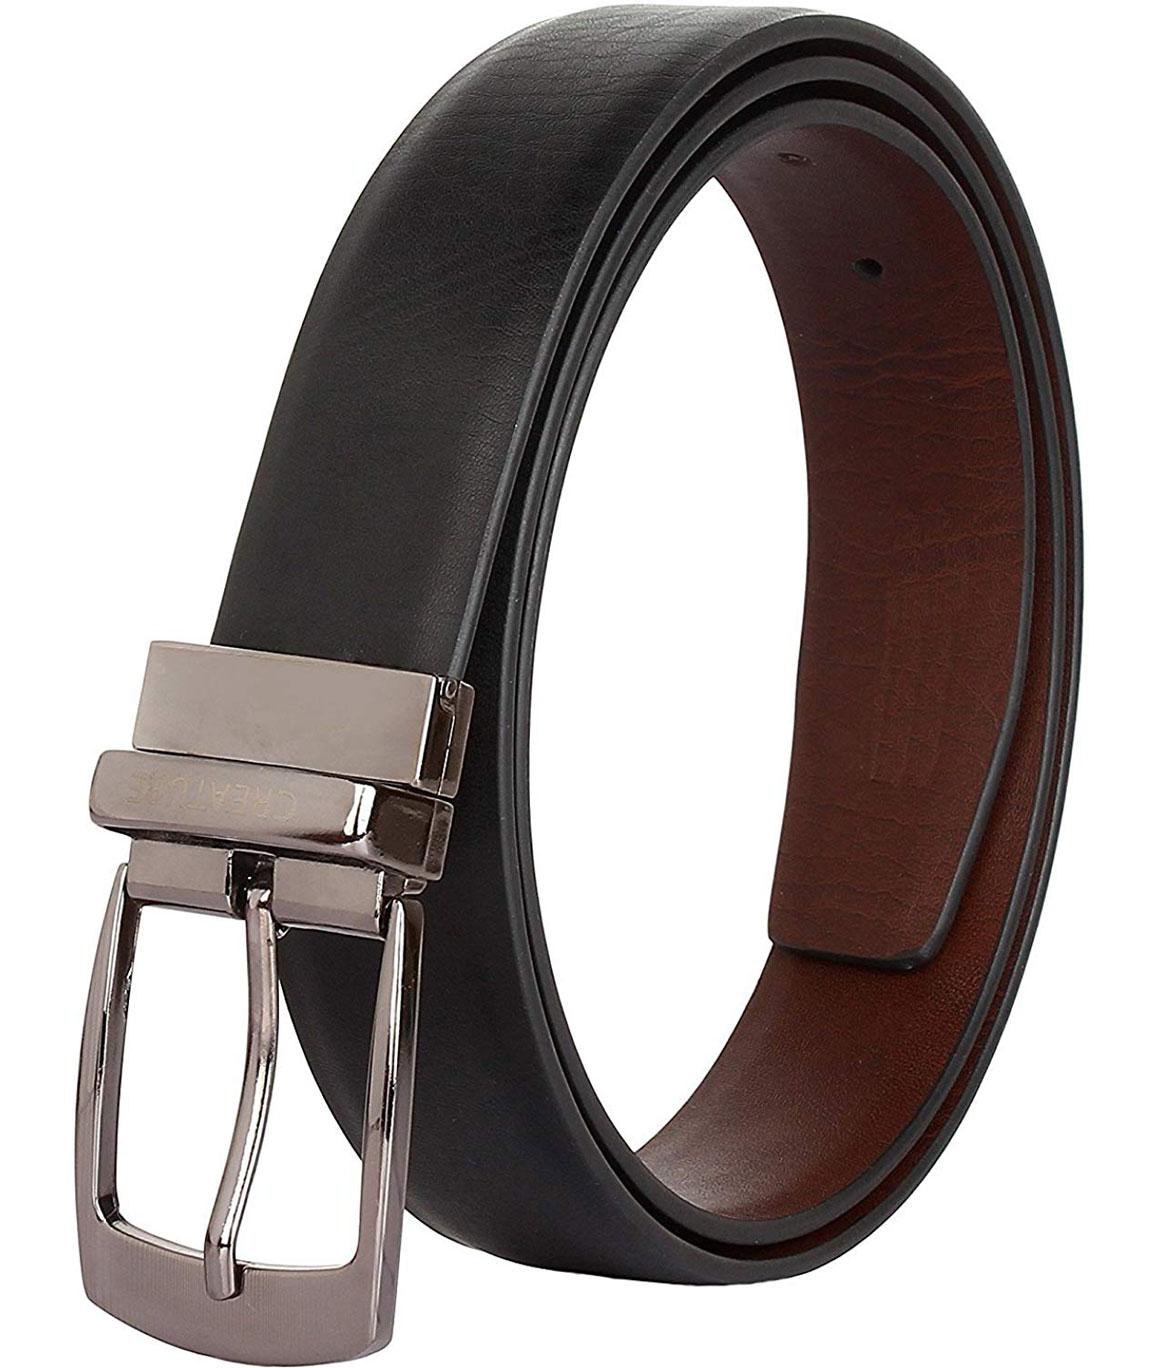 ZORO Mens Reversible belt, Black/Brown, upto 42 size, RSDTX-01